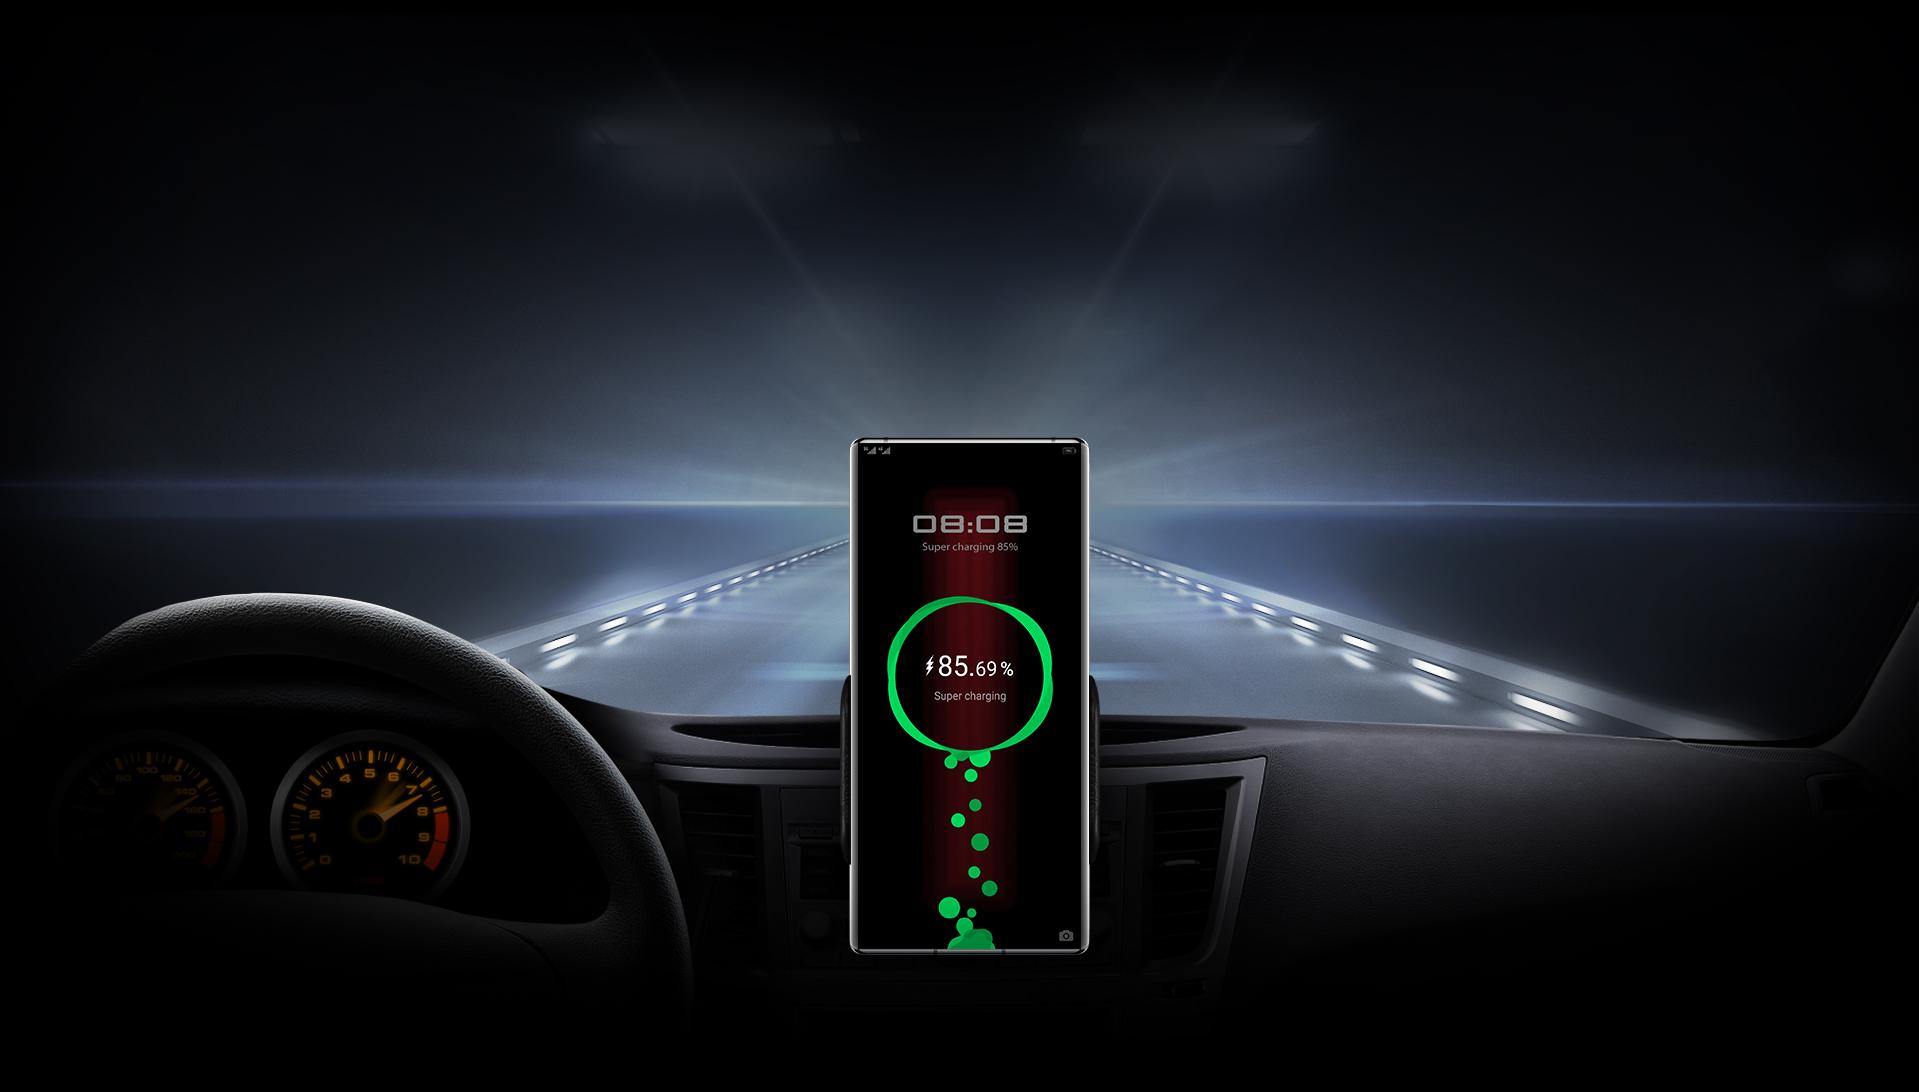 porsche-design-huawei-mate-30-rs-super-fast-car-charging